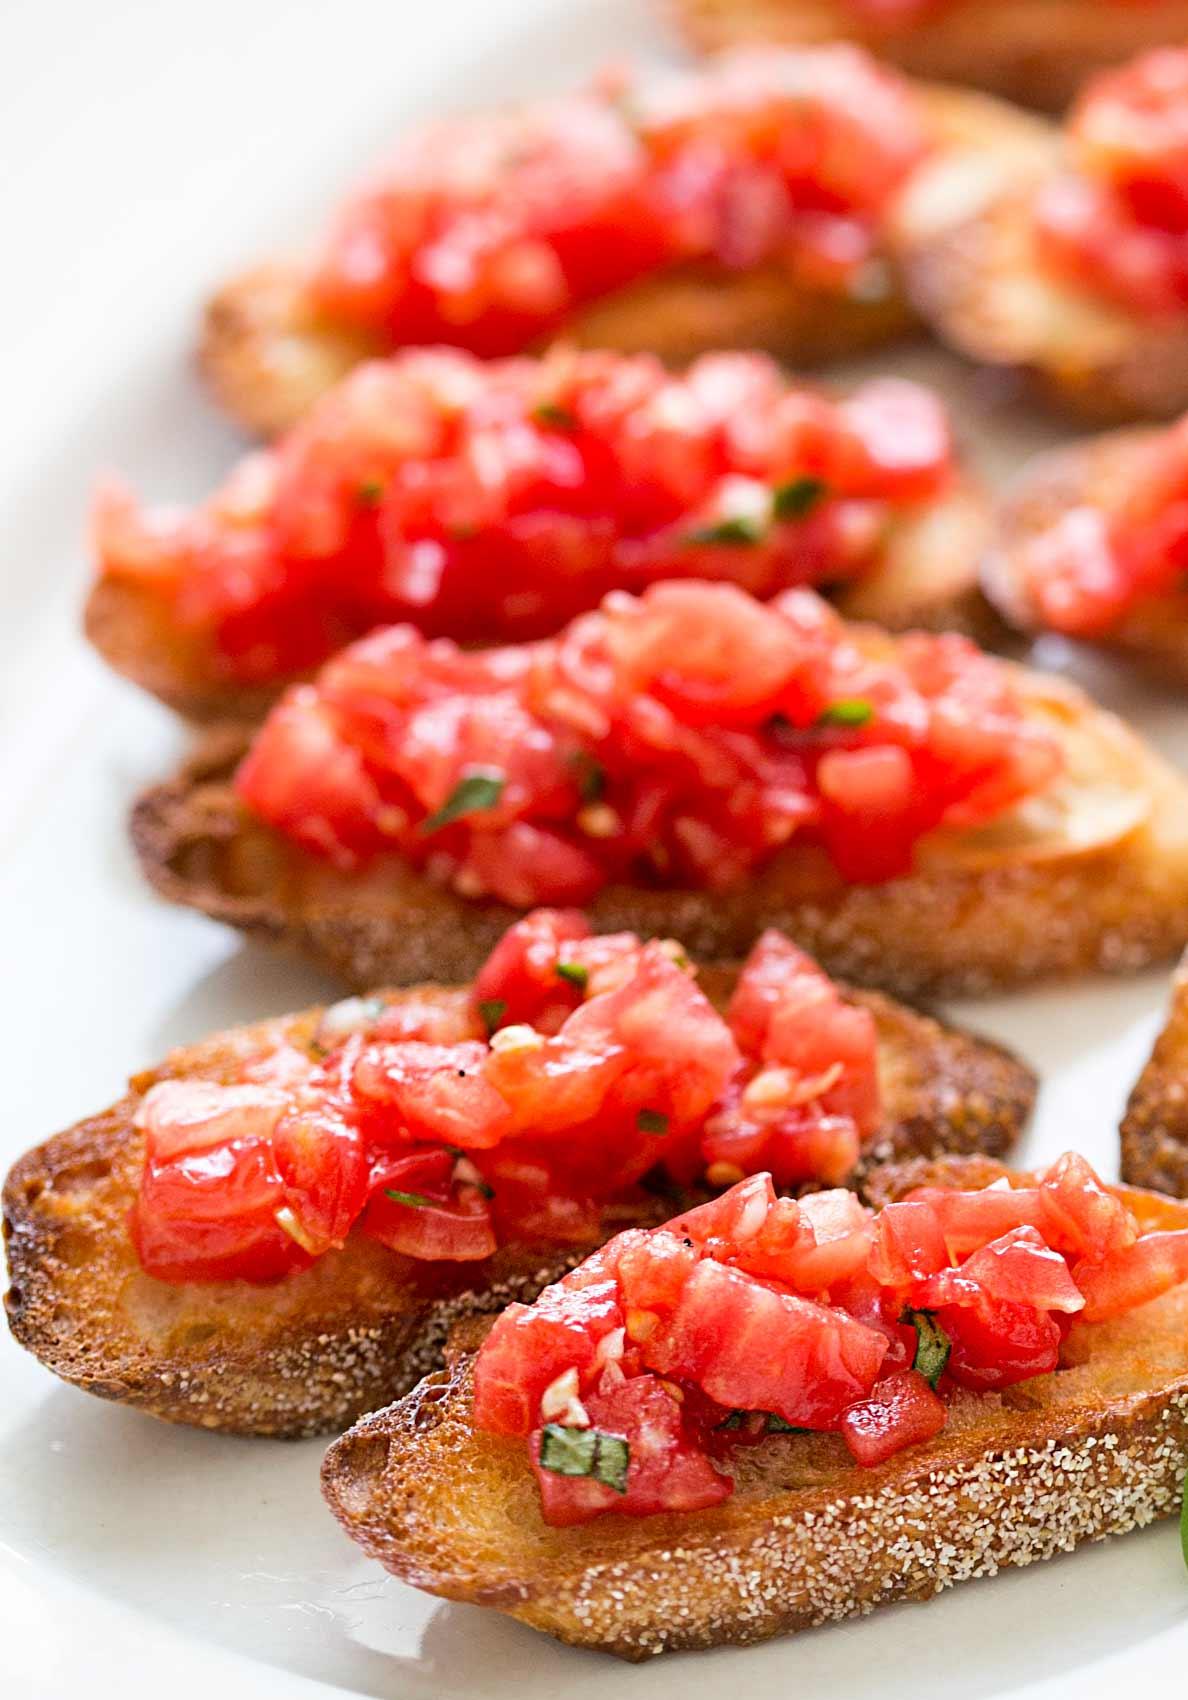 bruschetta-tomato-basil-vertical-a-1188